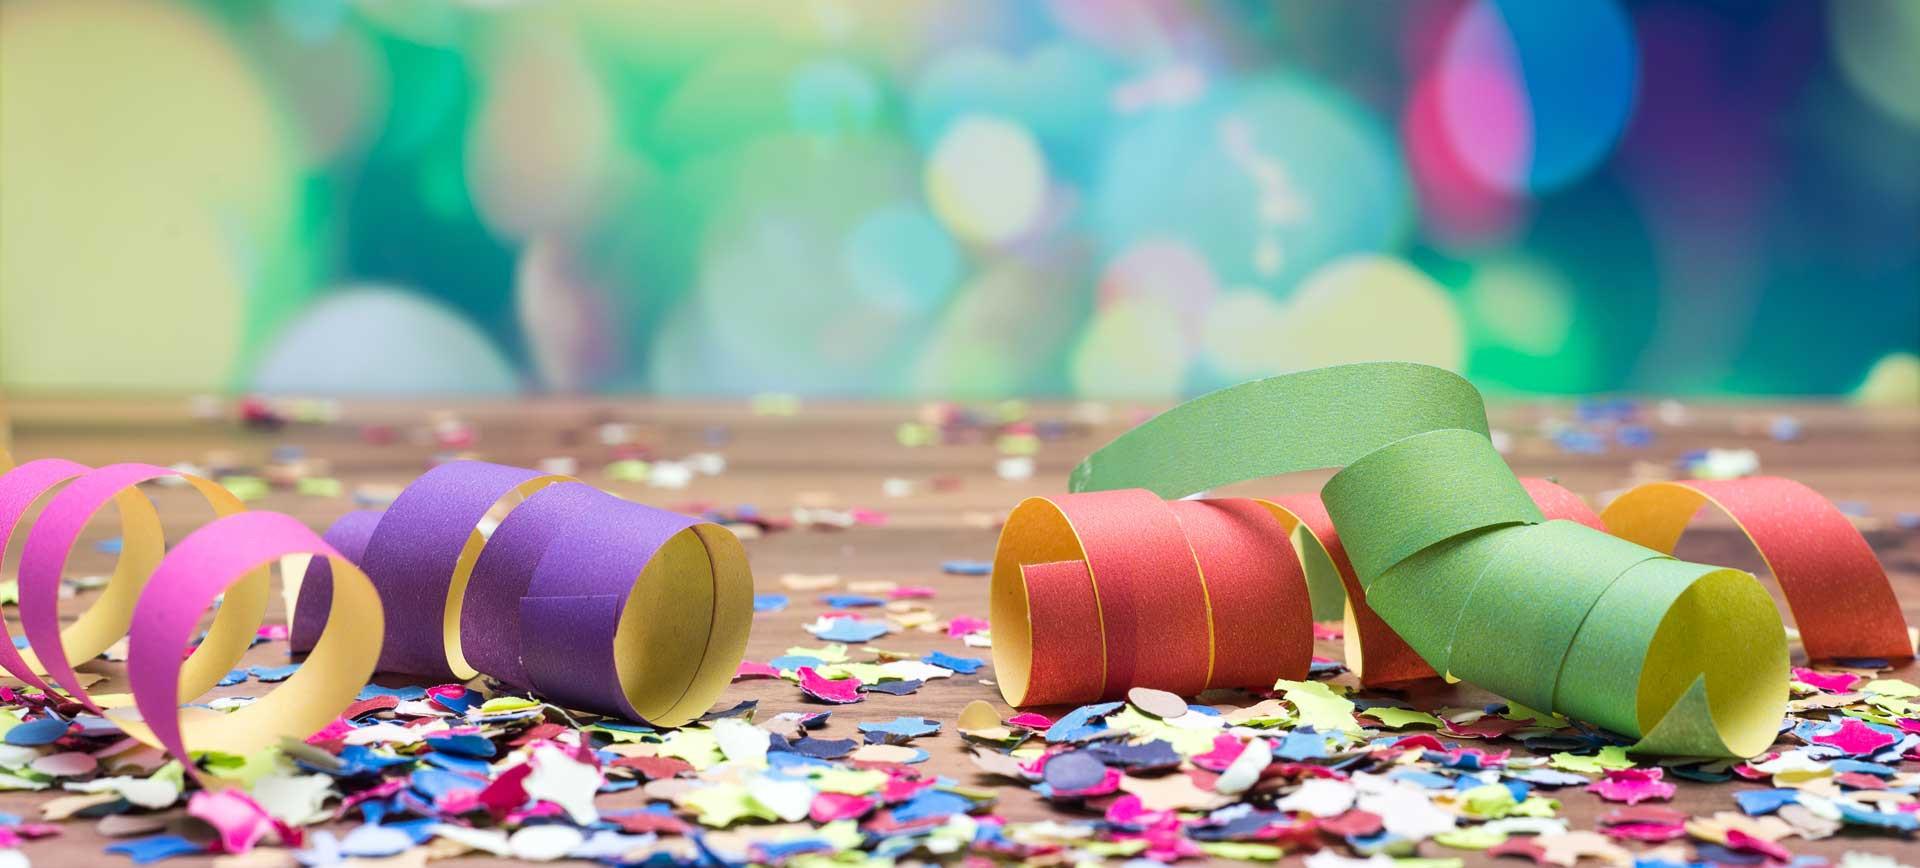 Geburtstagsfeier Idee  Die besten Deko Ideen für Geburtstagsfeier